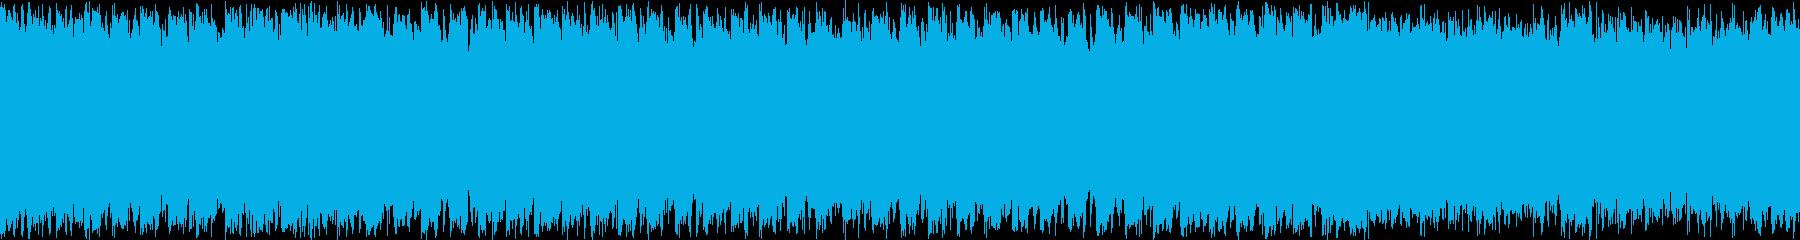 トランス系 ループ リザルト 結果などにの再生済みの波形